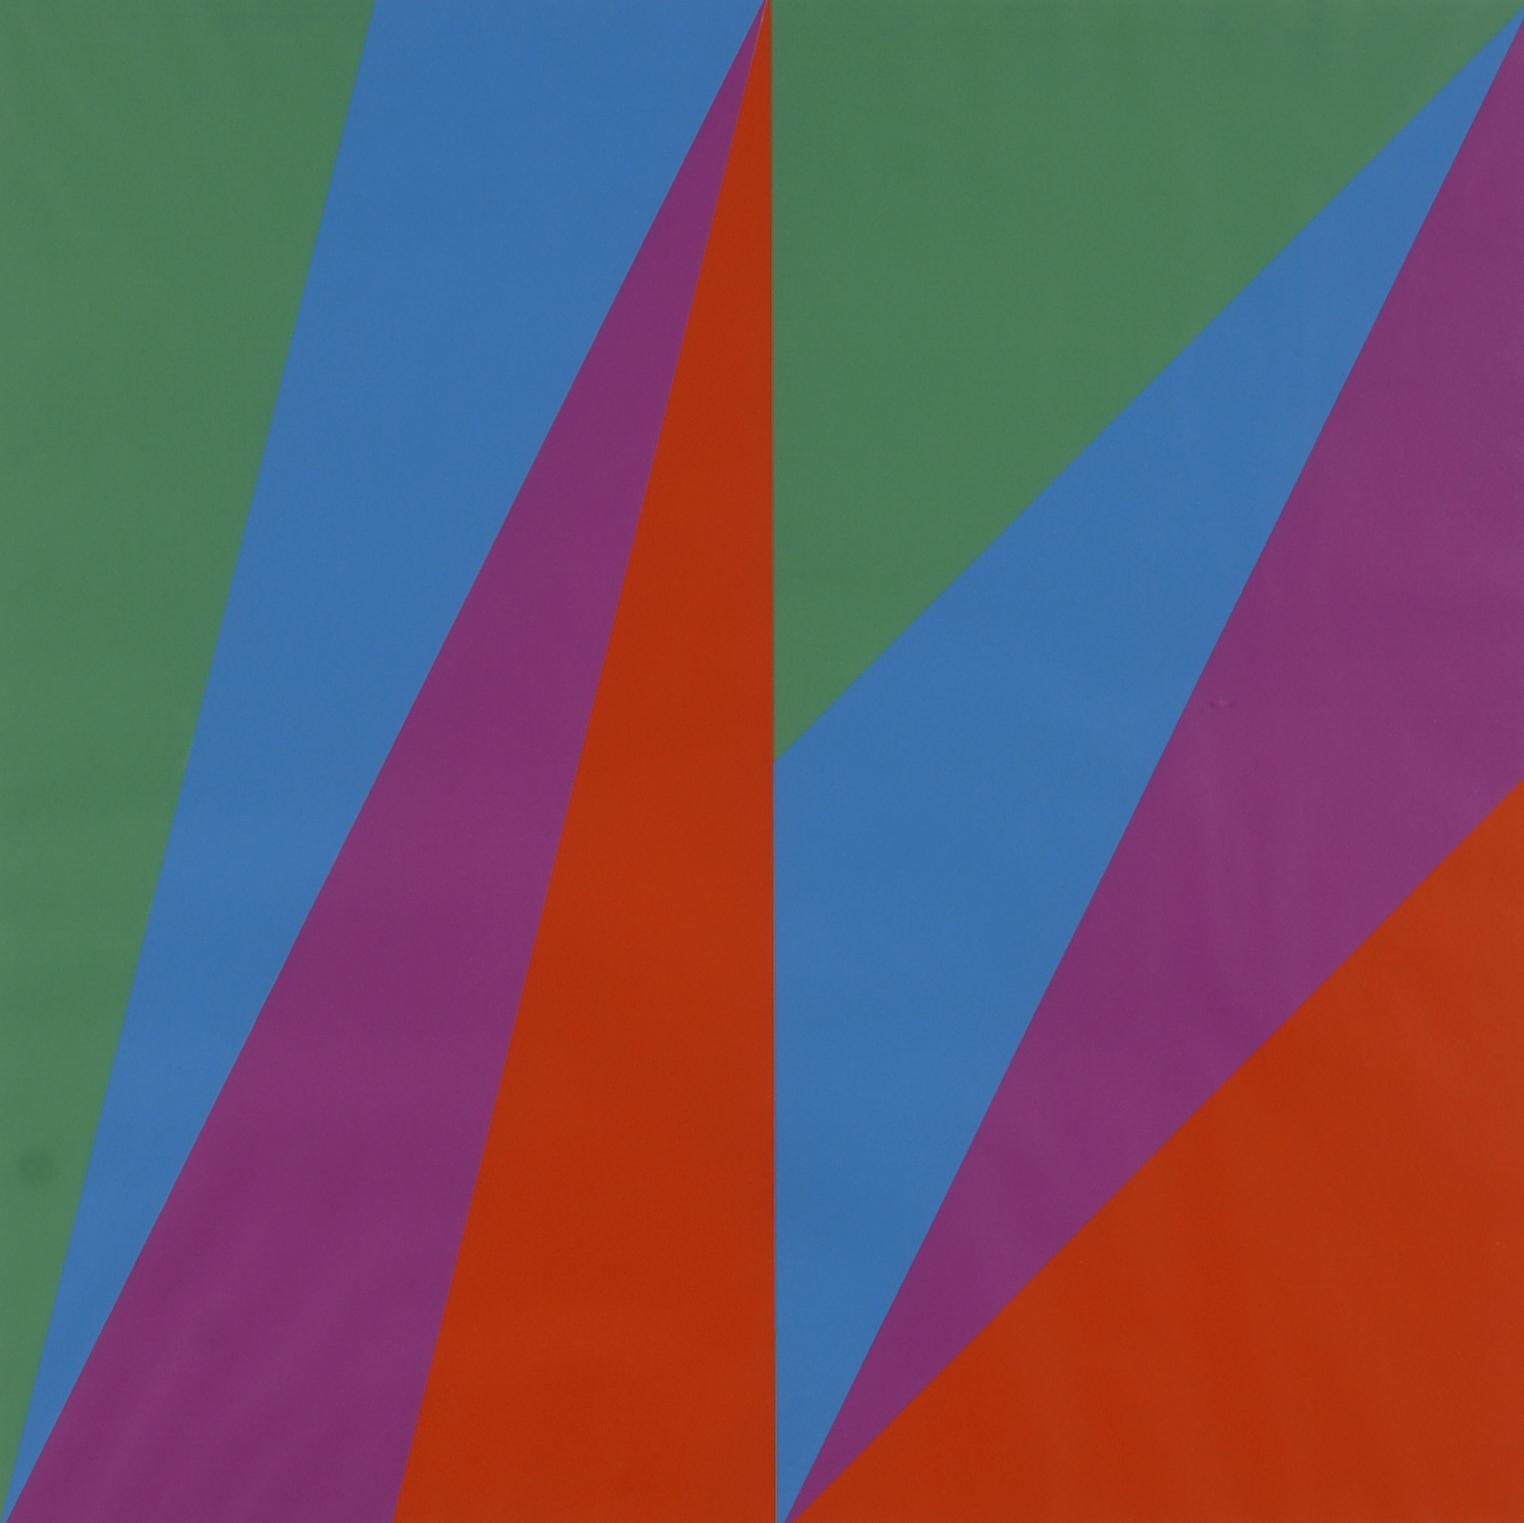 Bill Max, Composition